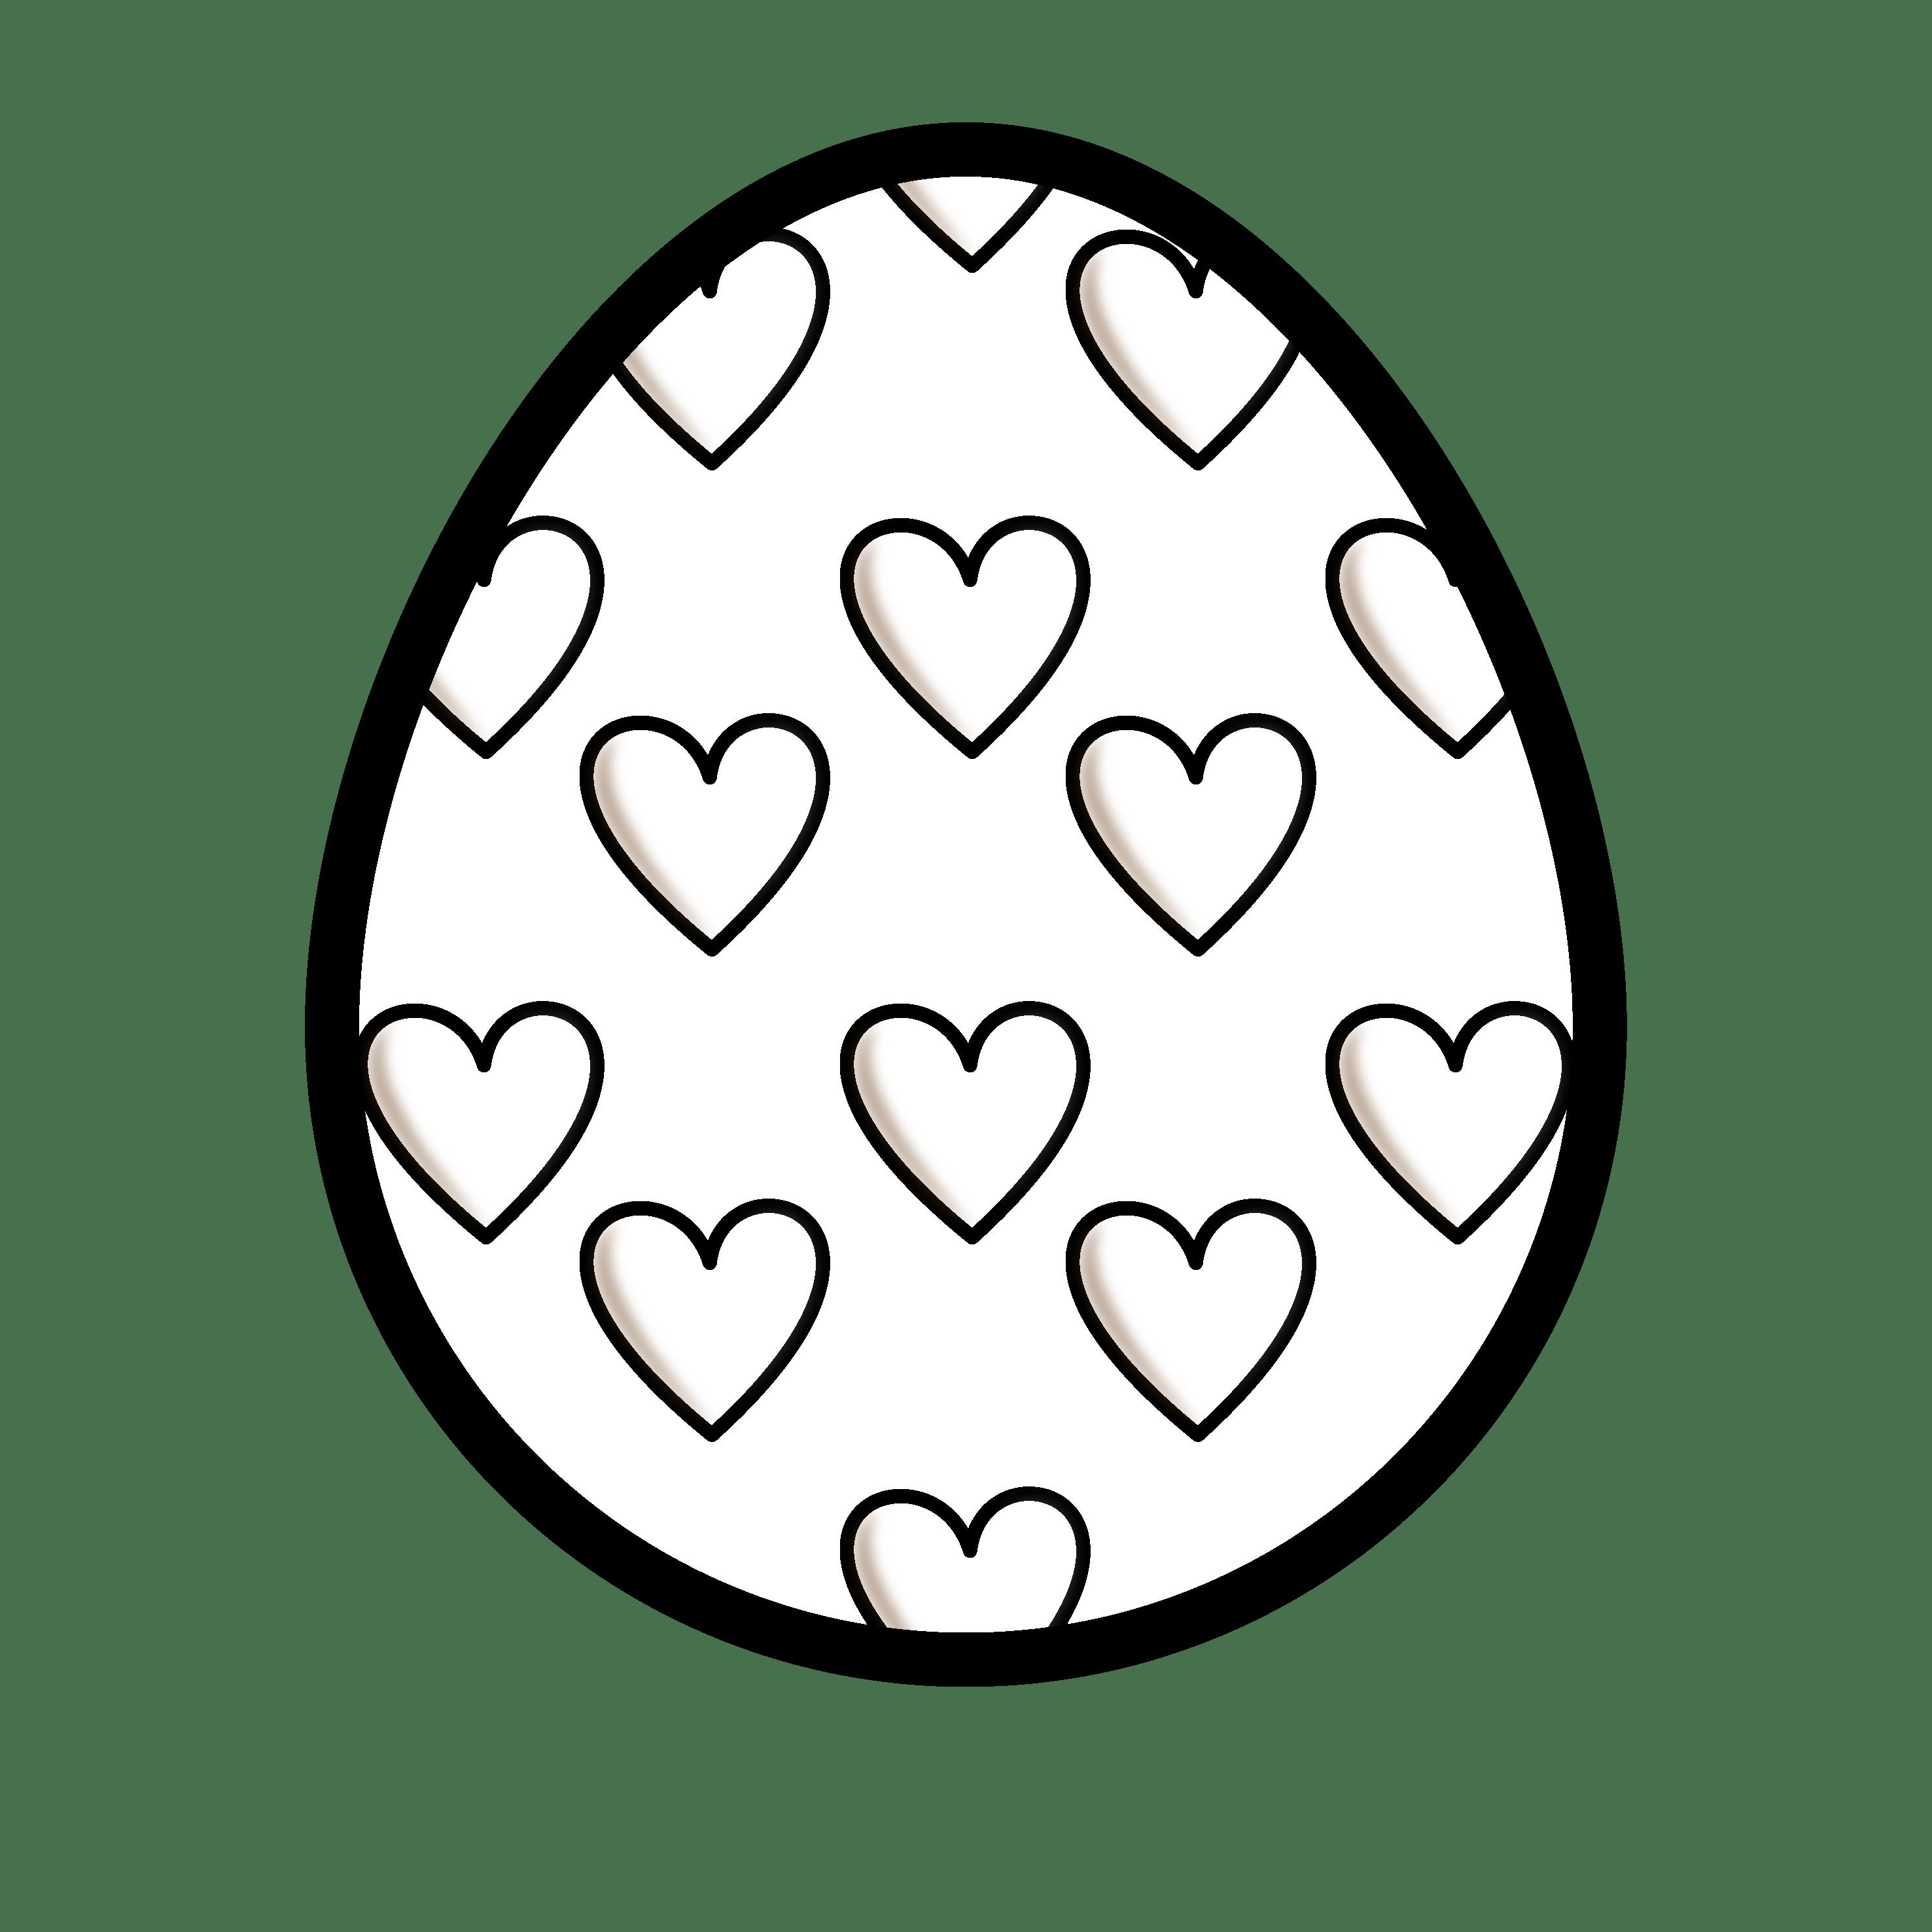 2018 clipart easter egg. Eggs clip art free